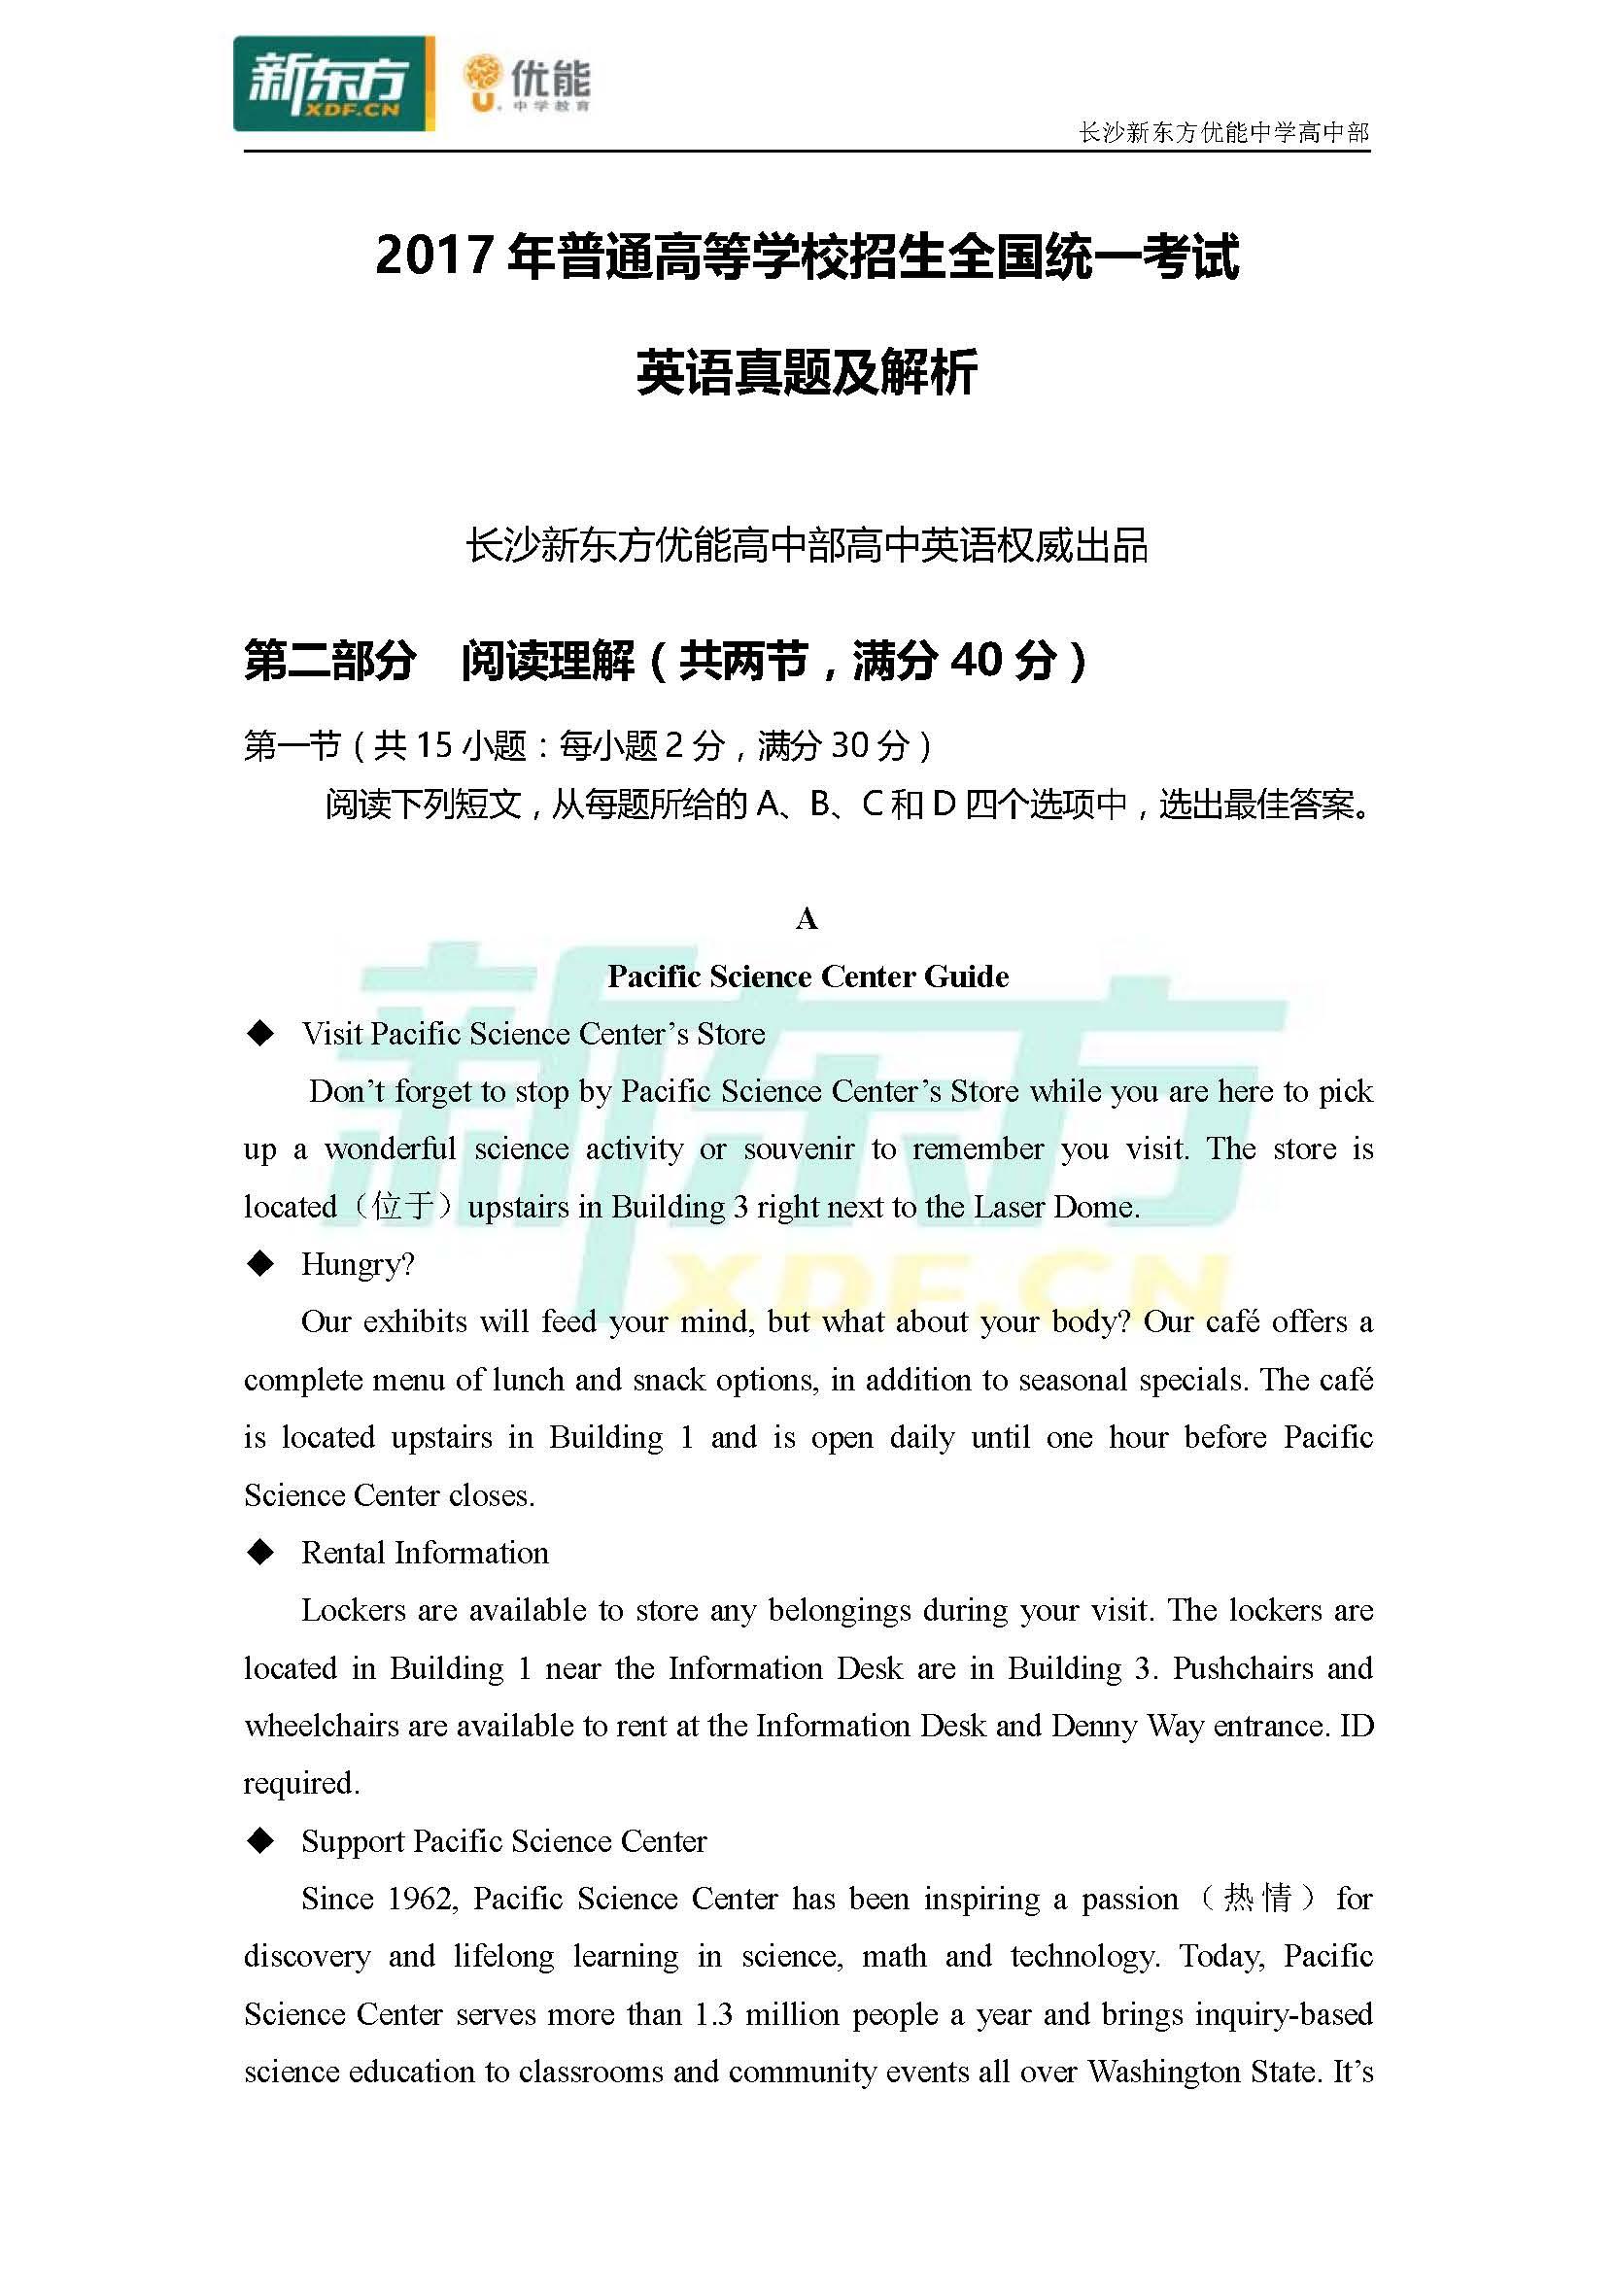 2017全国卷1高考英语试题及答案解析(长沙新东方优能)